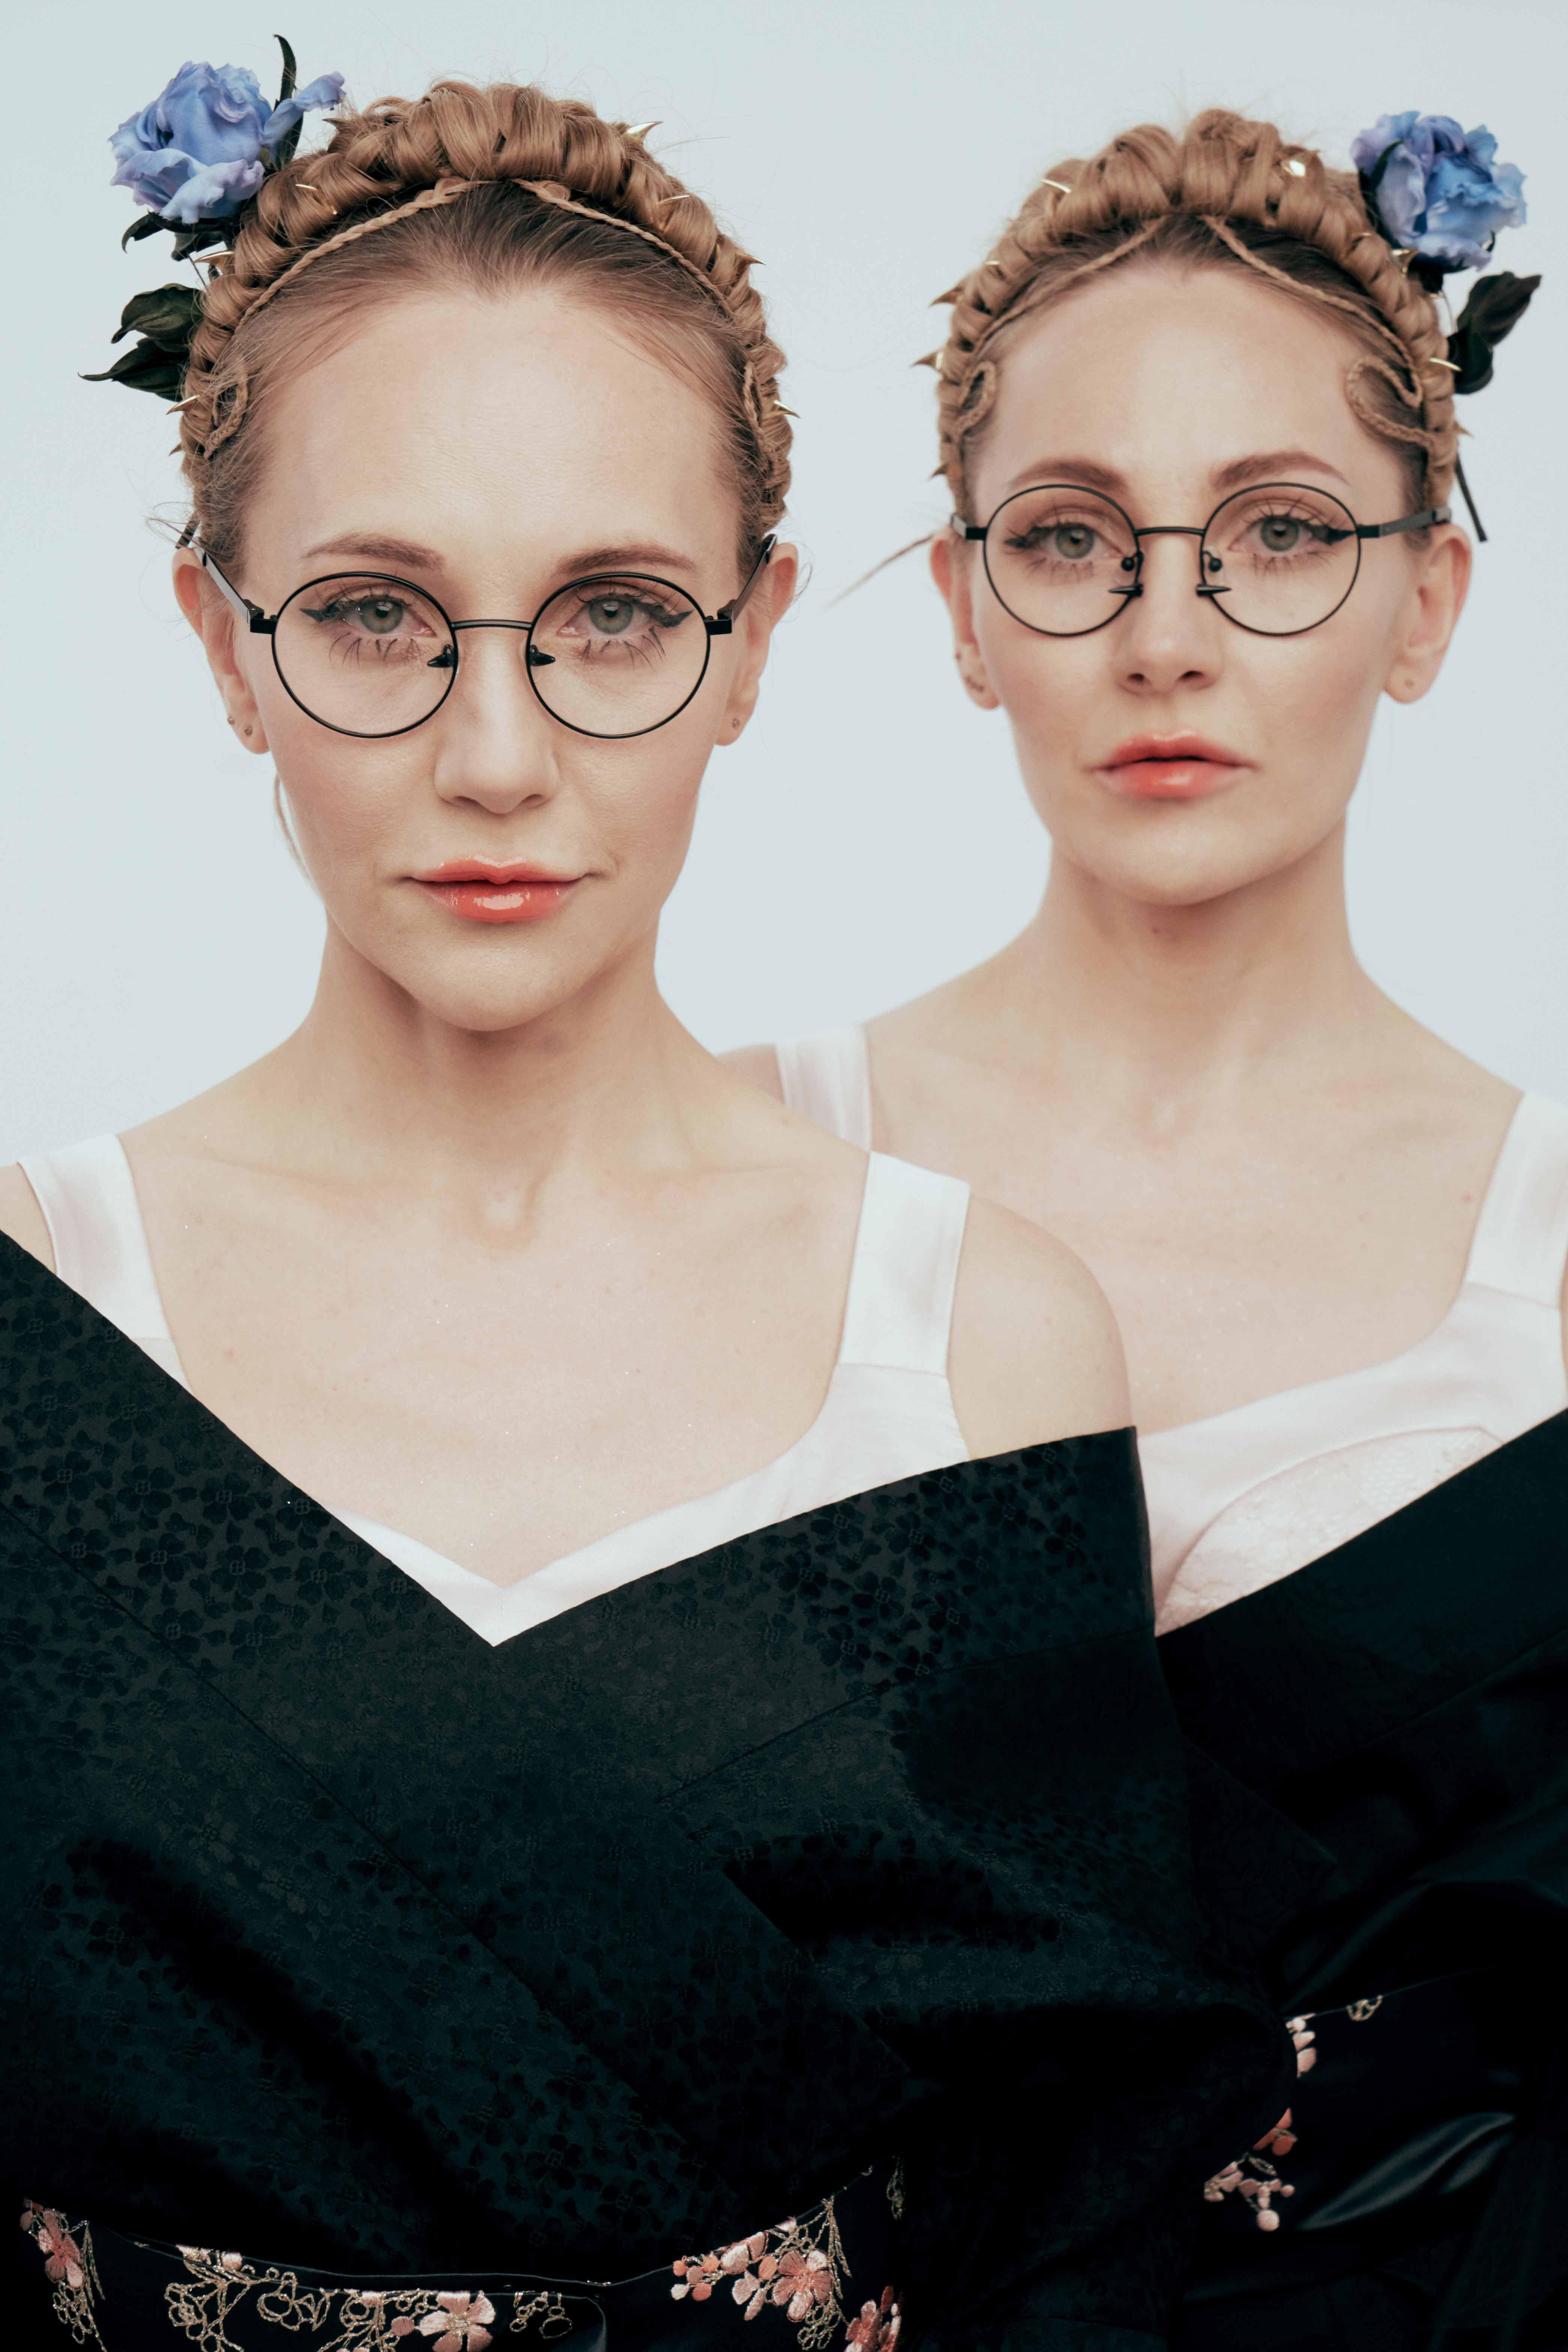 Popovy Sisters и Harry Cooper выпустили очки с пирсингом